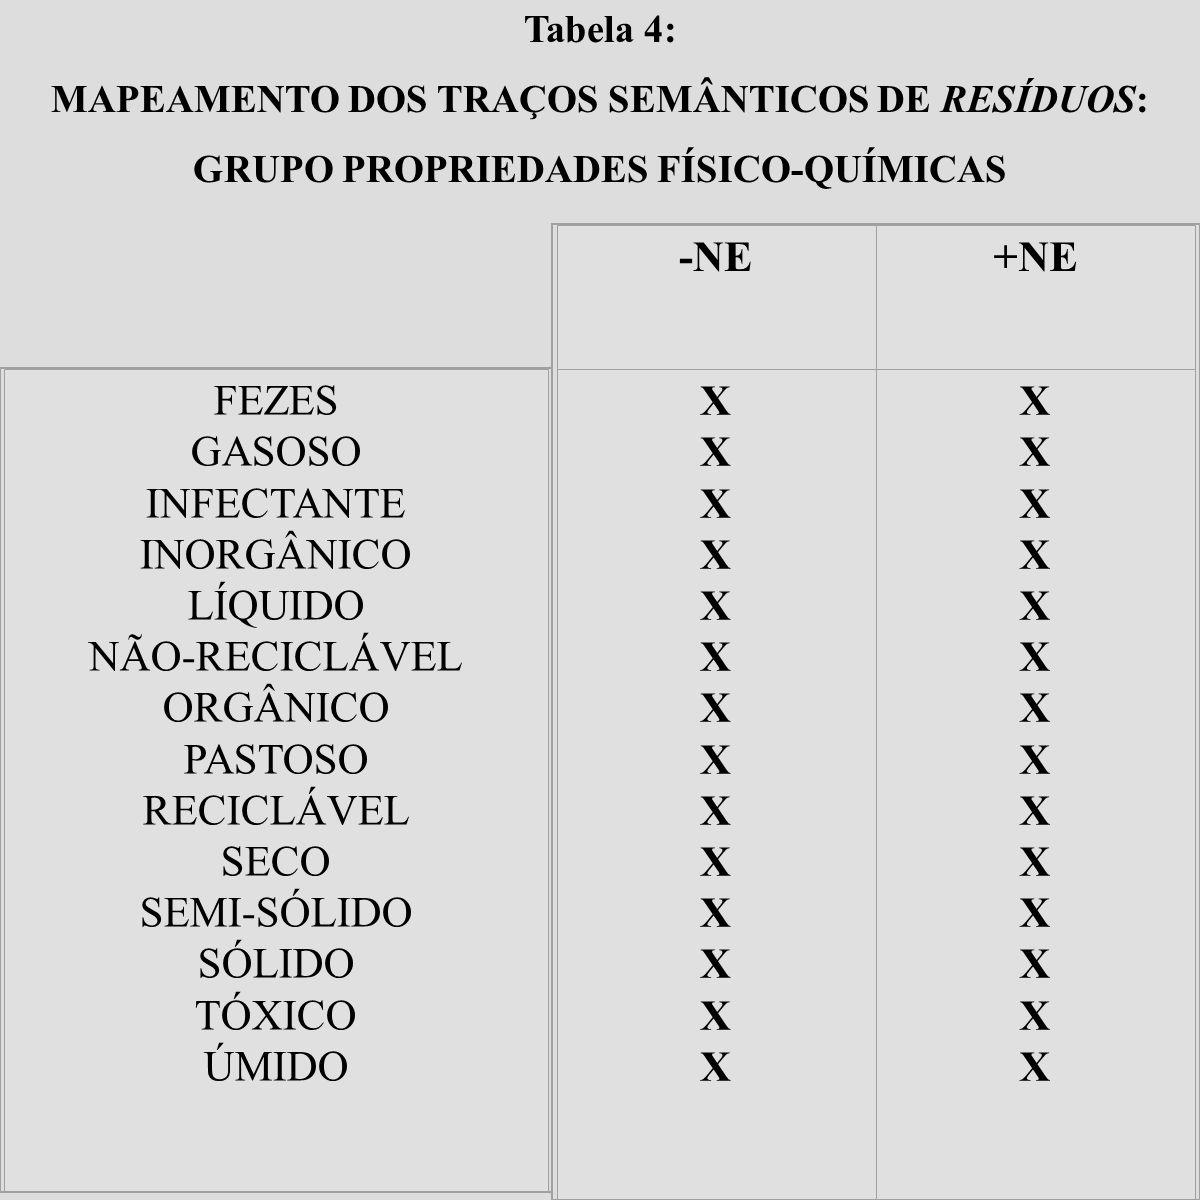 Tabela 4: MAPEAMENTO DOS TRAÇOS SEMÂNTICOS DE RESÍDUOS: GRUPO PROPRIEDADES FÍSICO-QUÍMICAS FEZES GASOSO INFECTANTE INORGÂNICO LÍQUIDO NÃO-RECICLÁVEL O